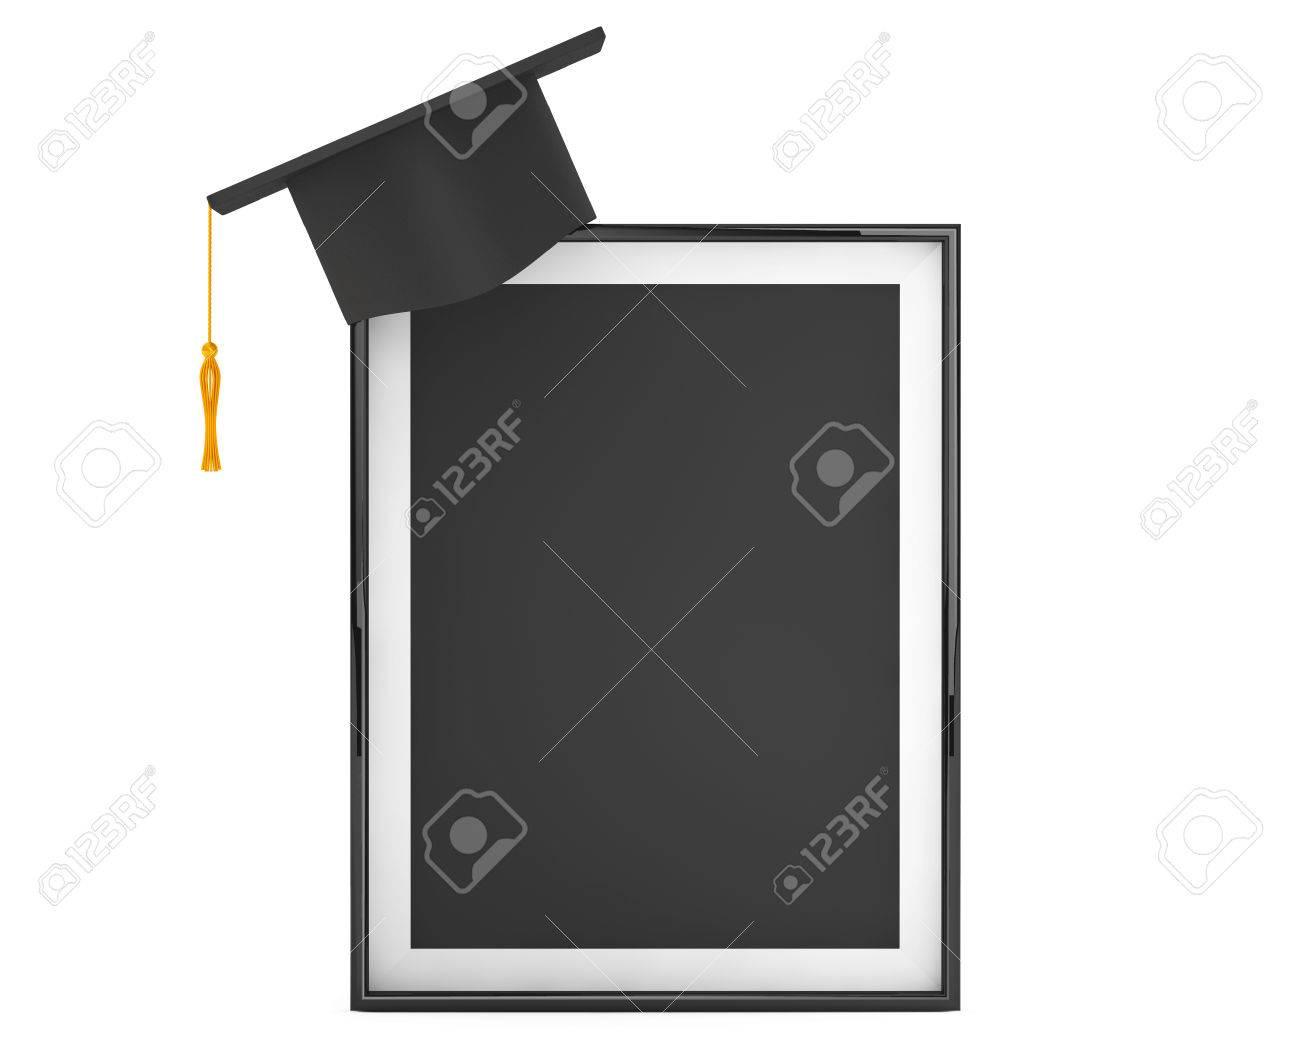 Graduation Academic Cap Mit Blank Bilderrahmen Auf Einem Weißen ...